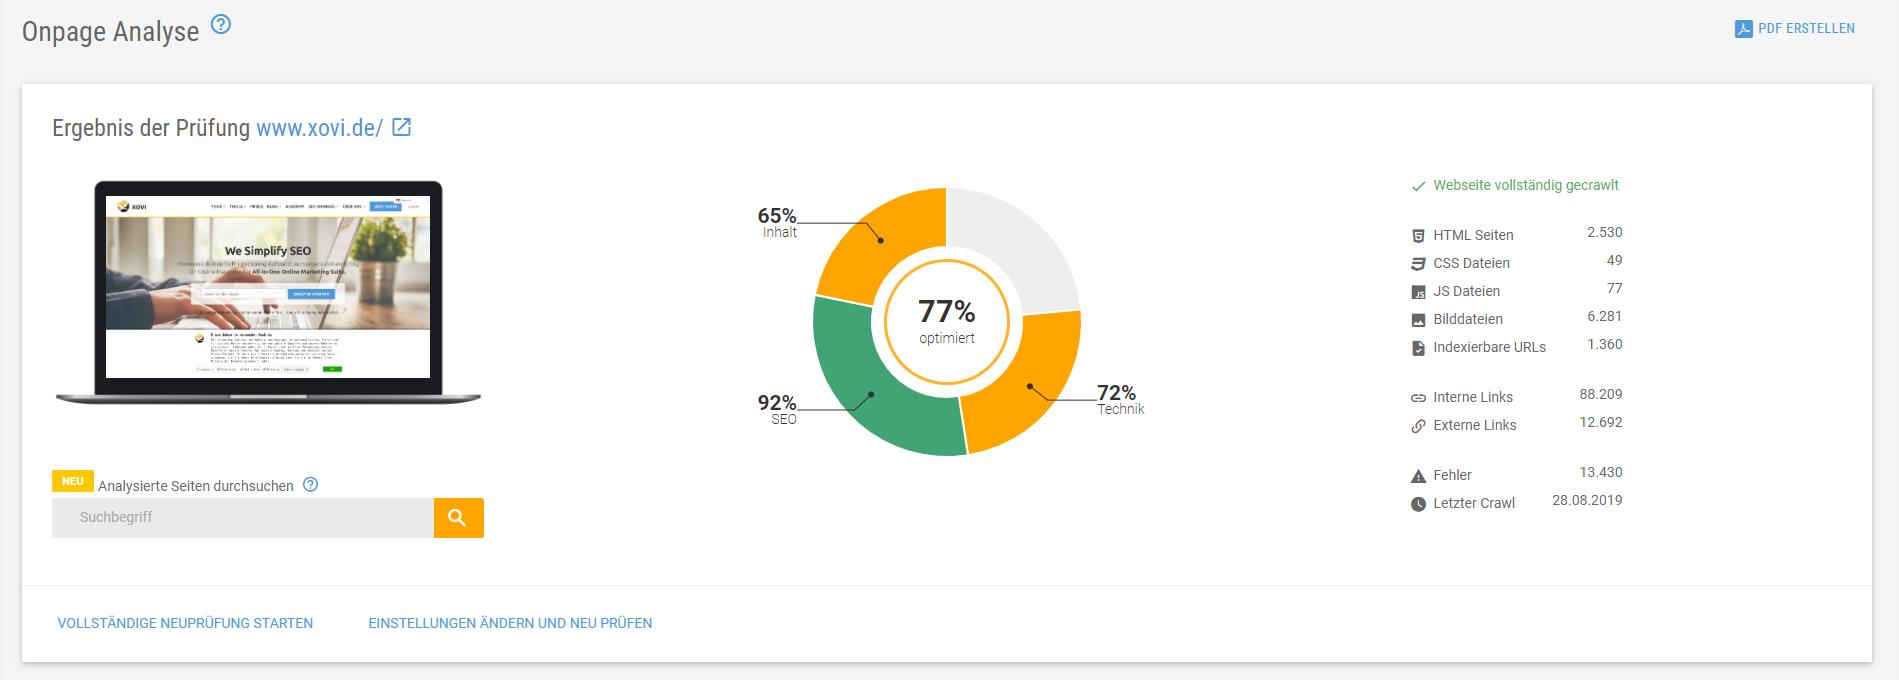 Ergebnise-Übersicht der XOVI Onpage Analyse